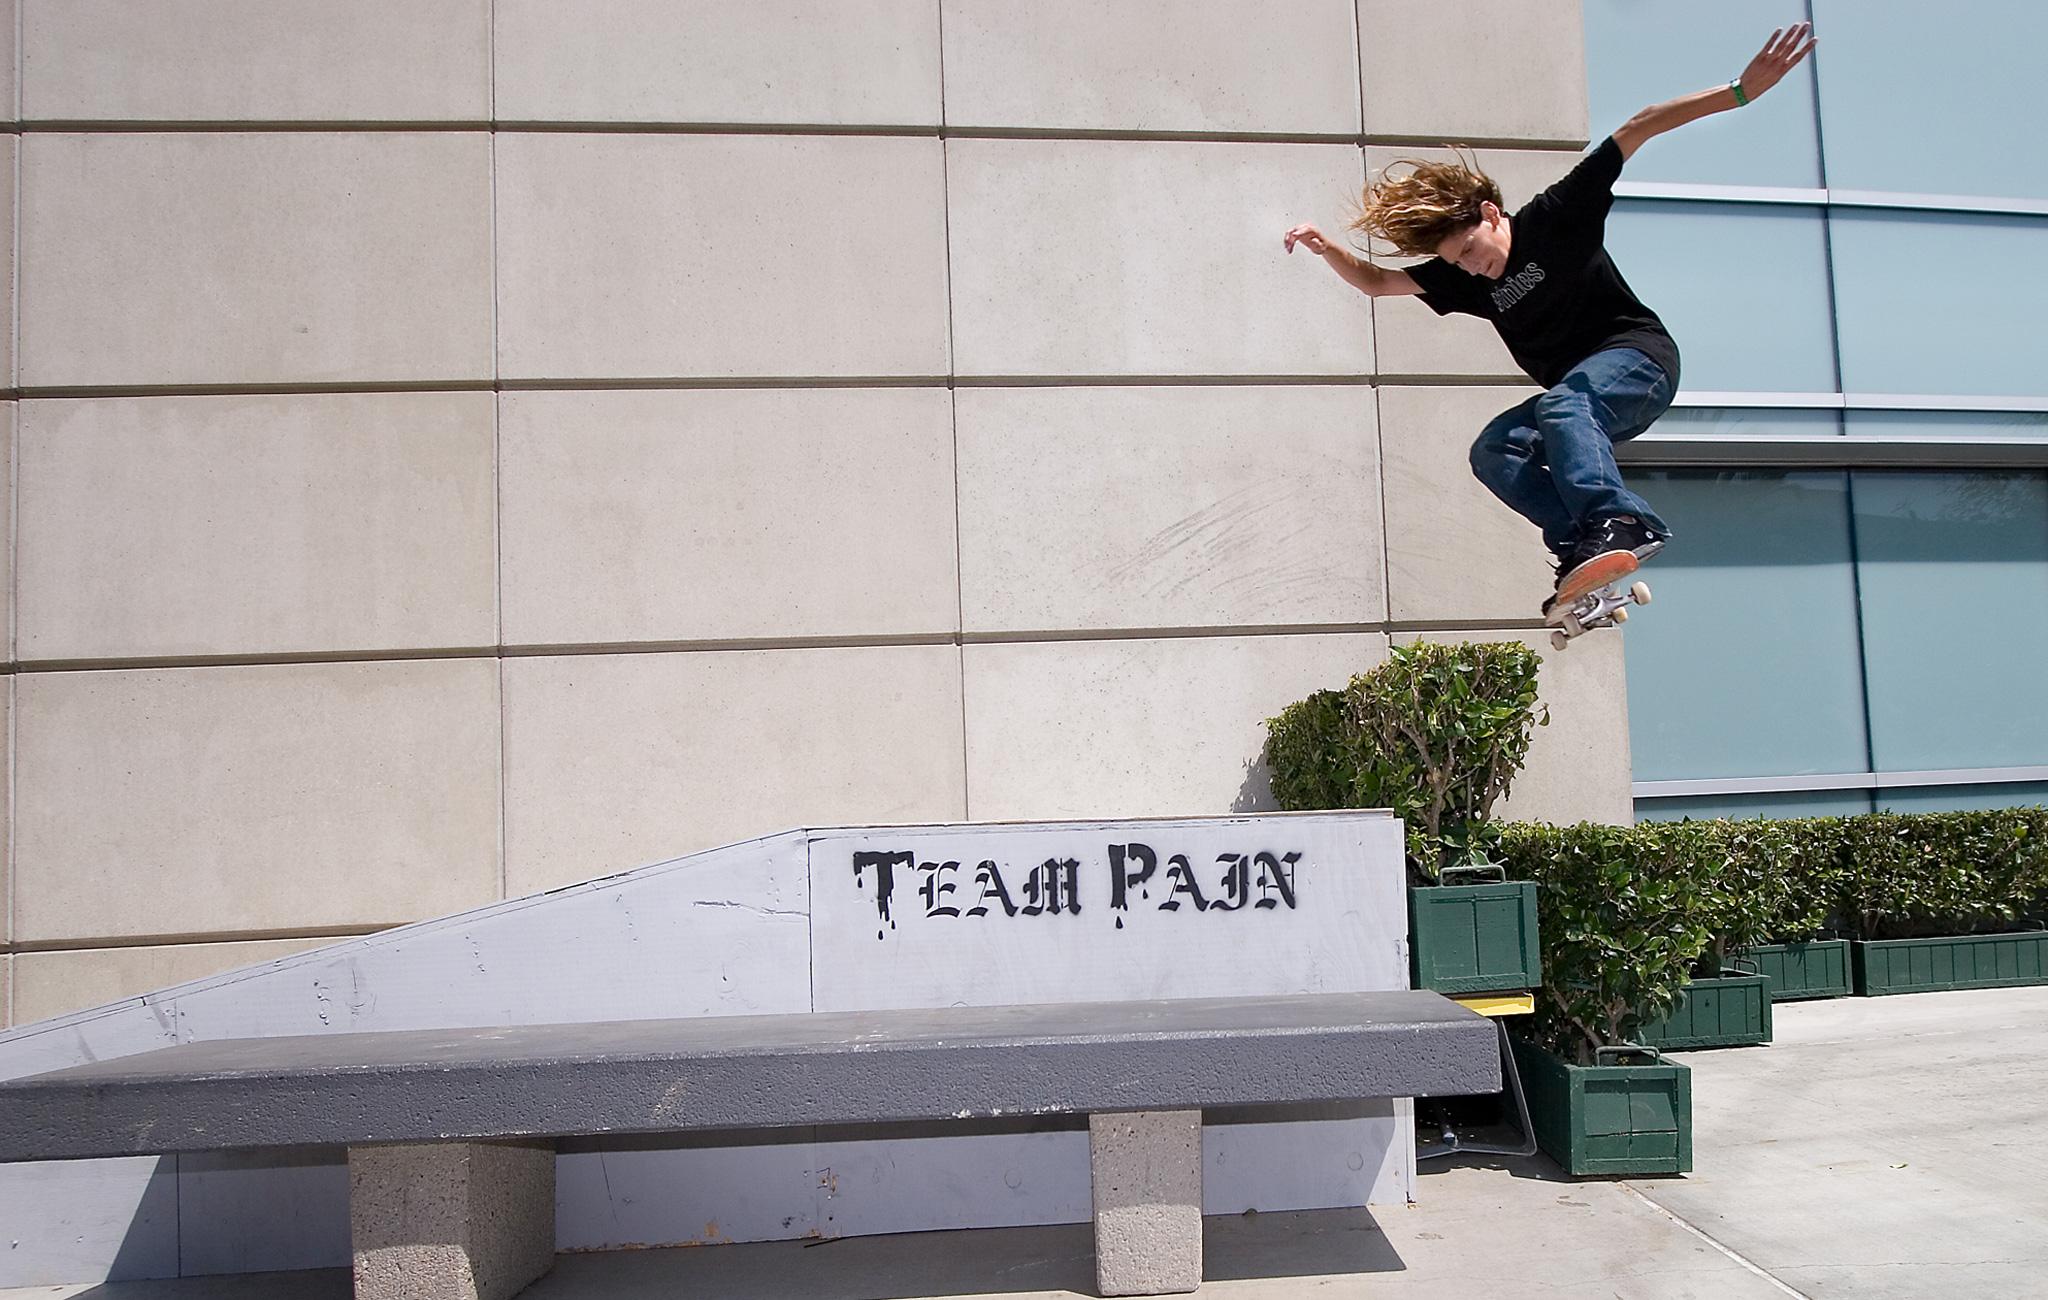 Women's Skate Street/Vert added, 2003/2004